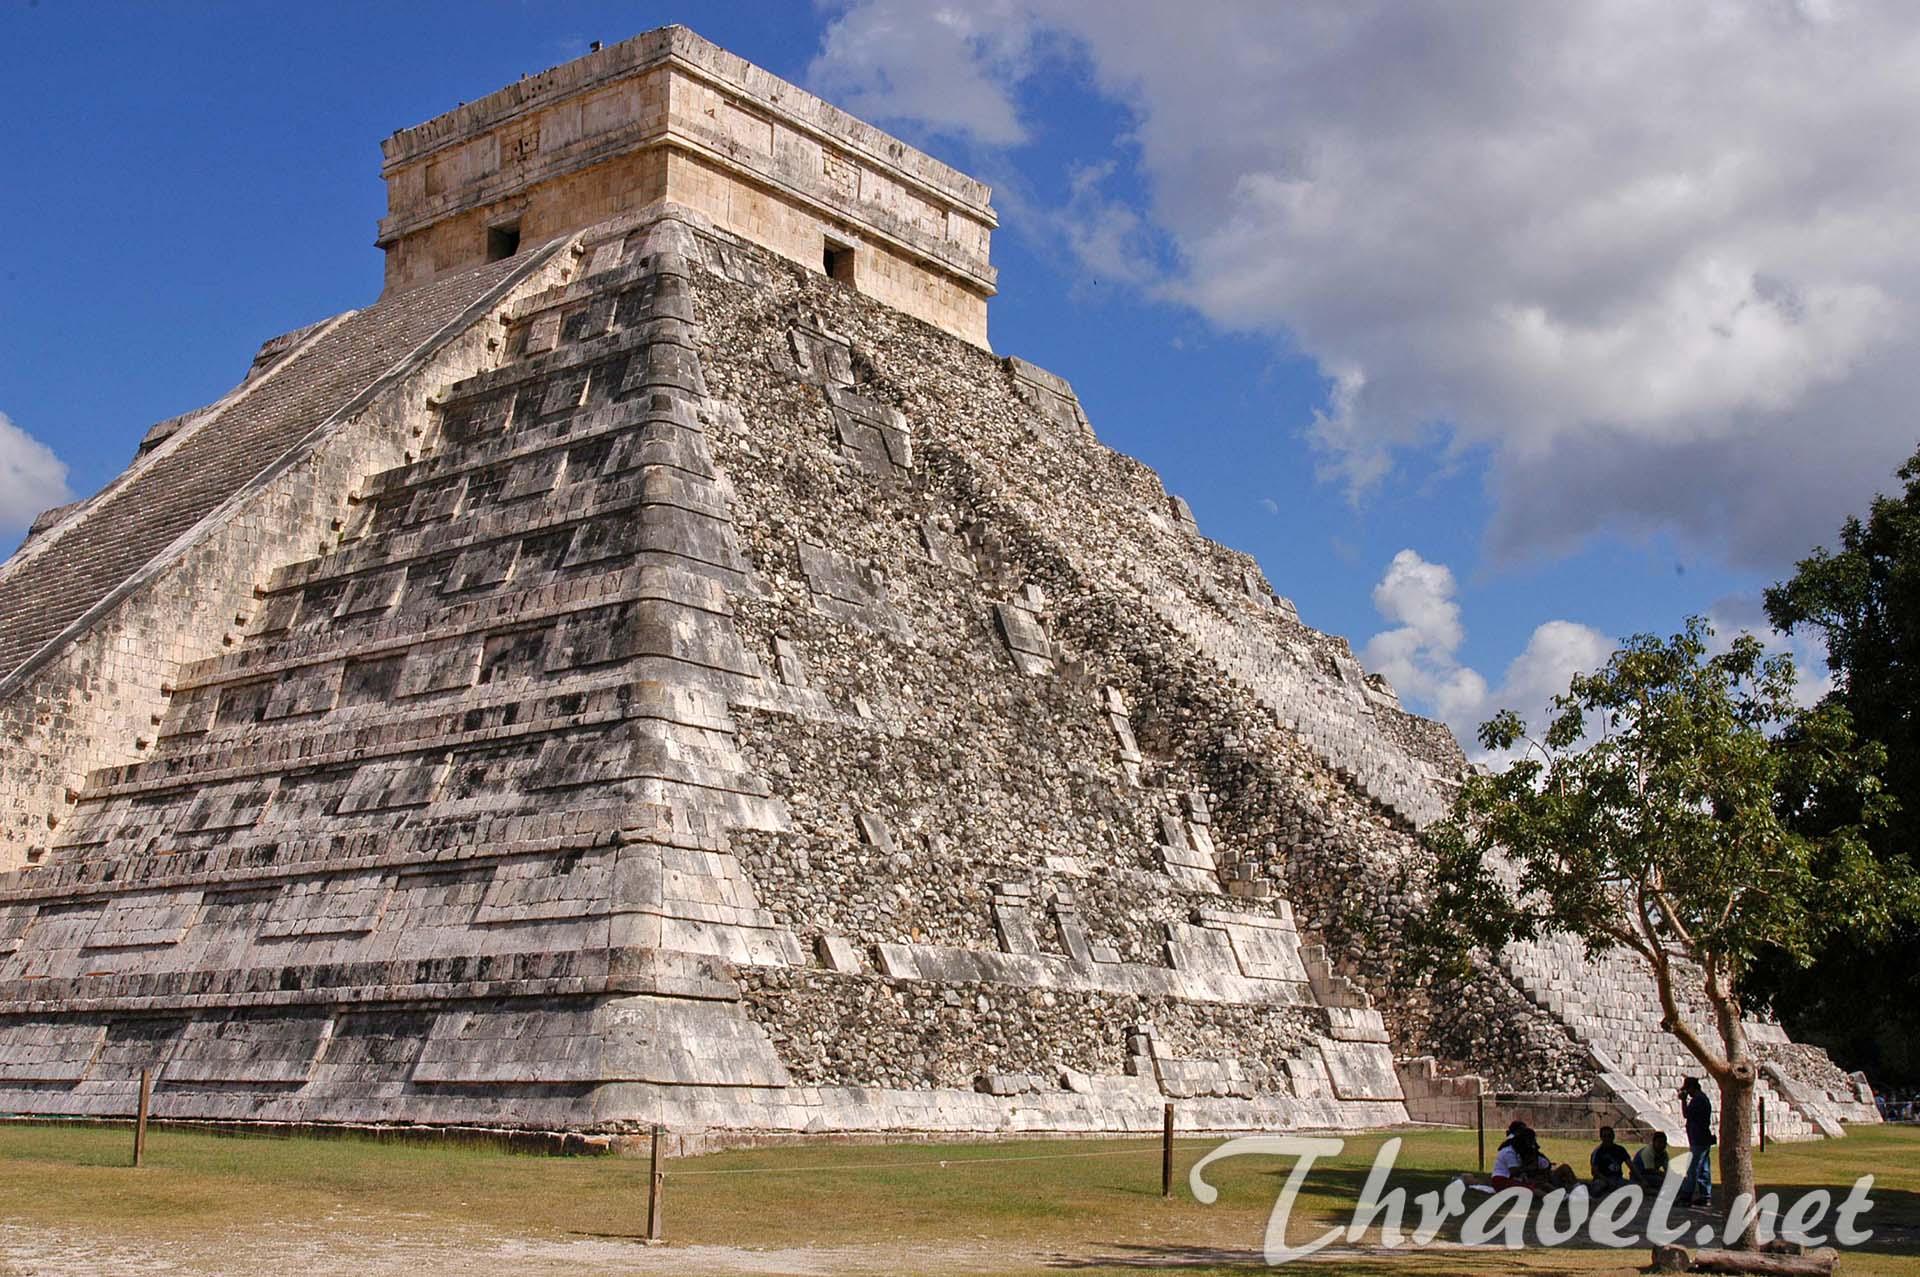 chichen-itza-mexico-yucatan-05